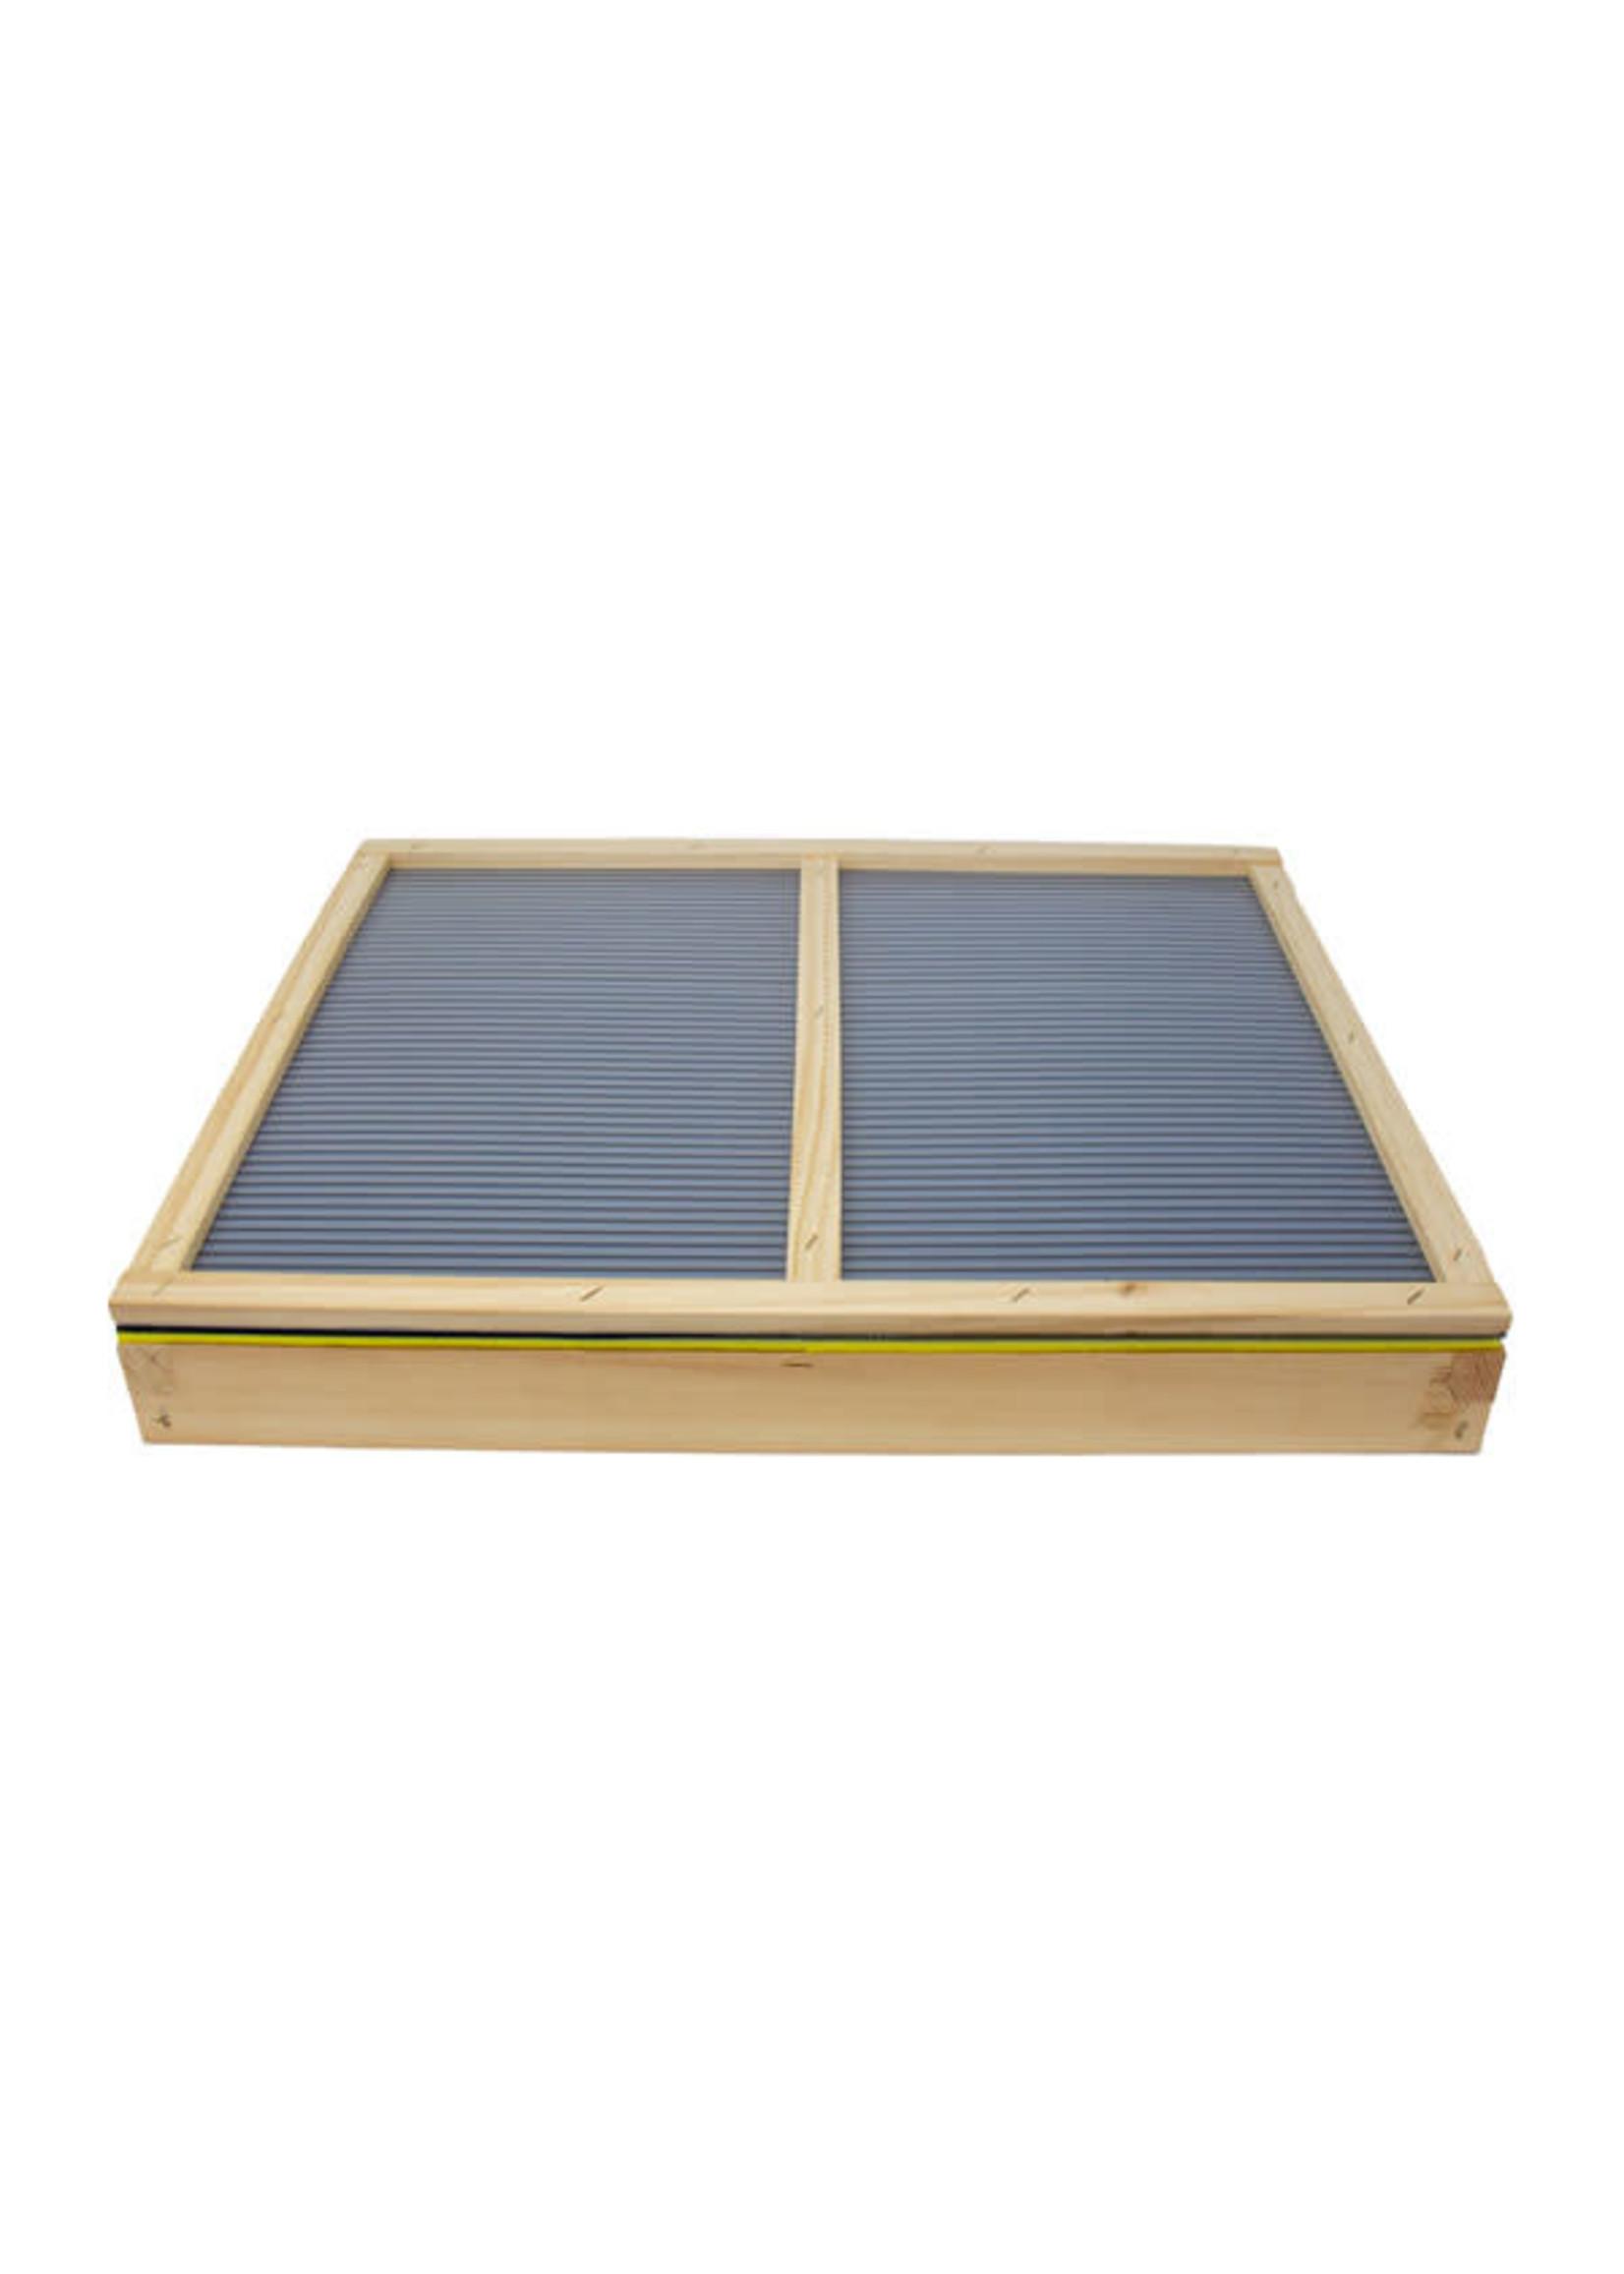 8 frame fume board